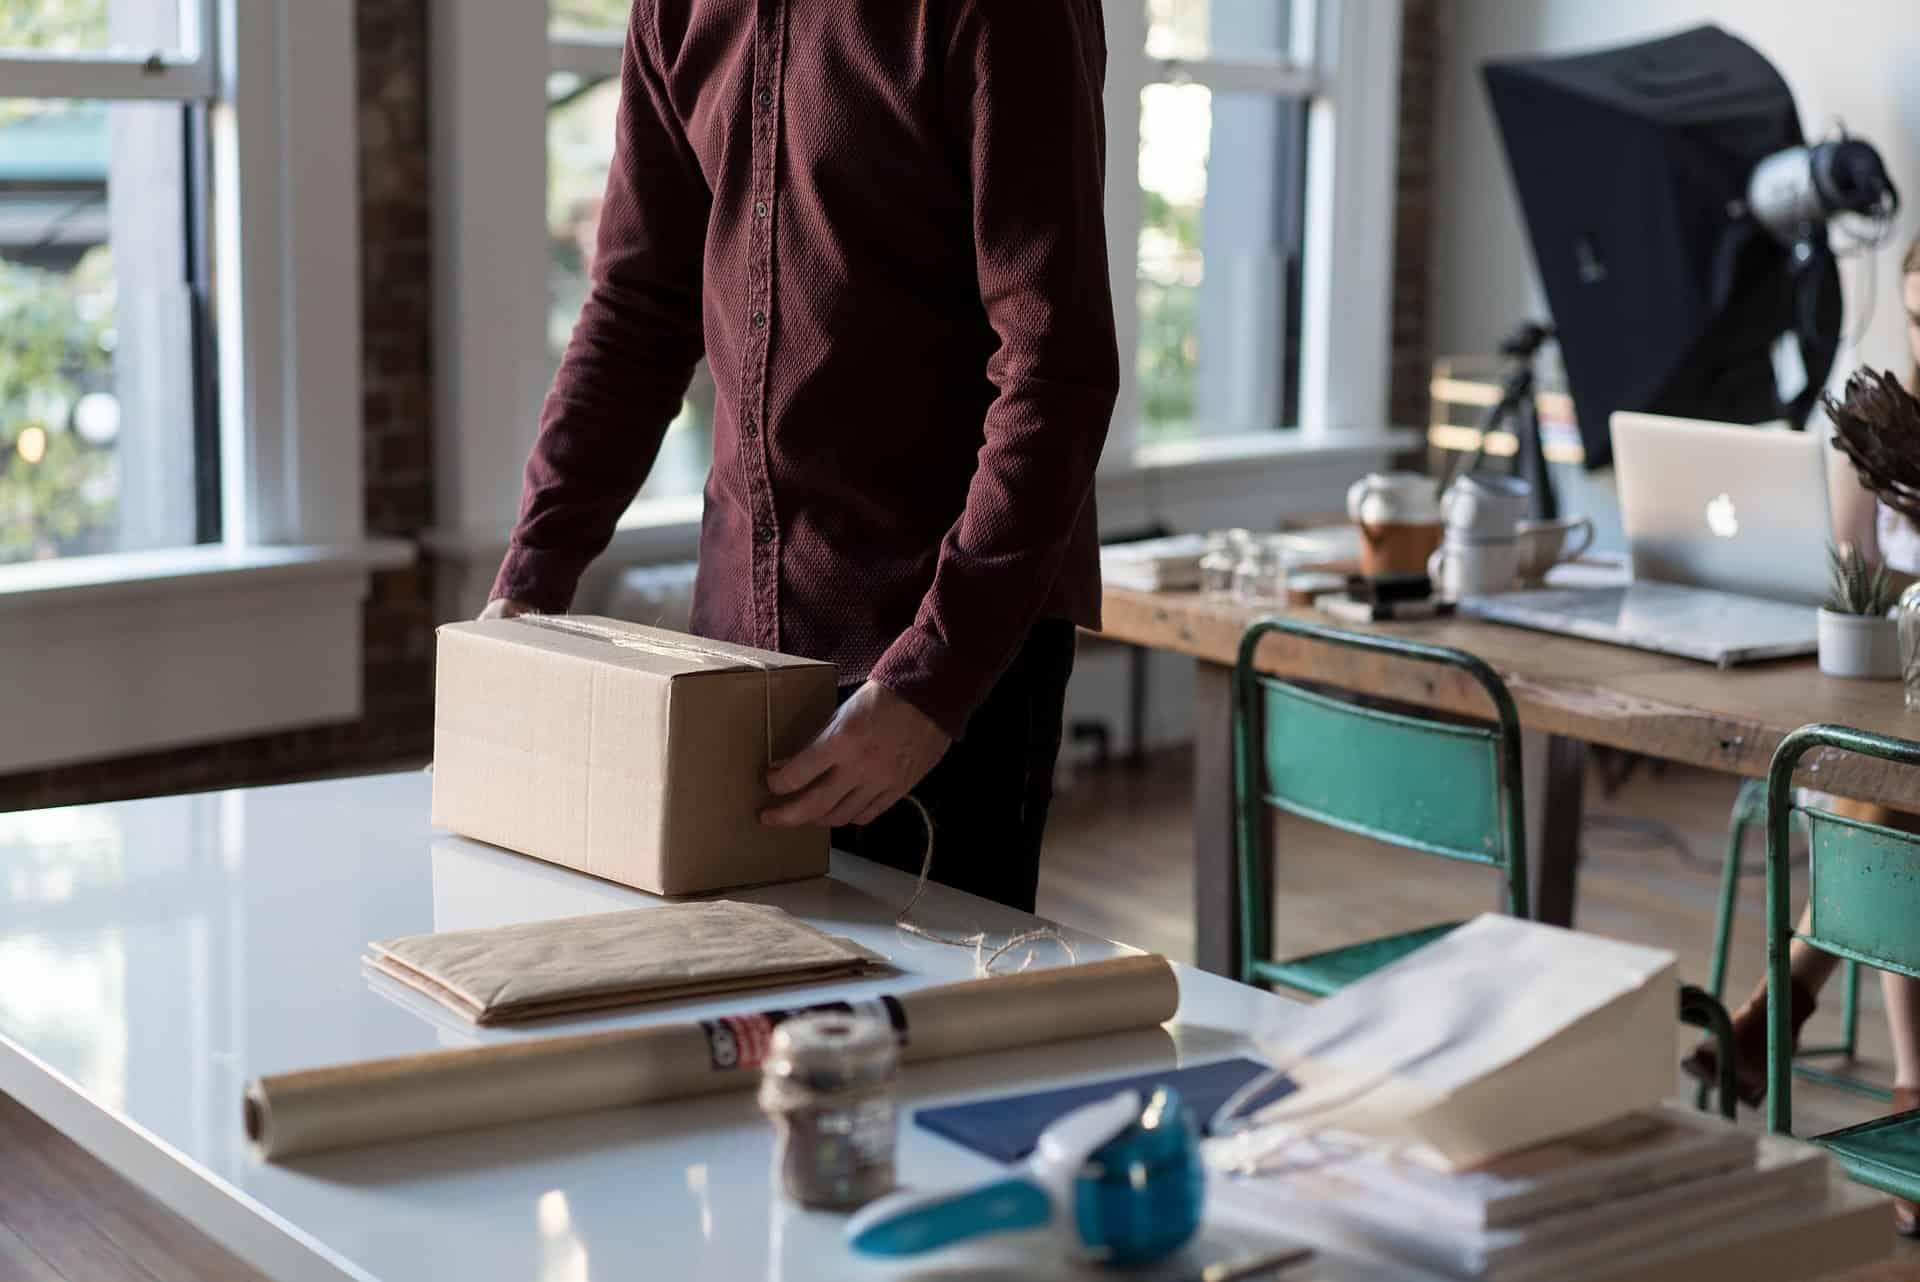 Quanto costa la spedizione di un pacco online?